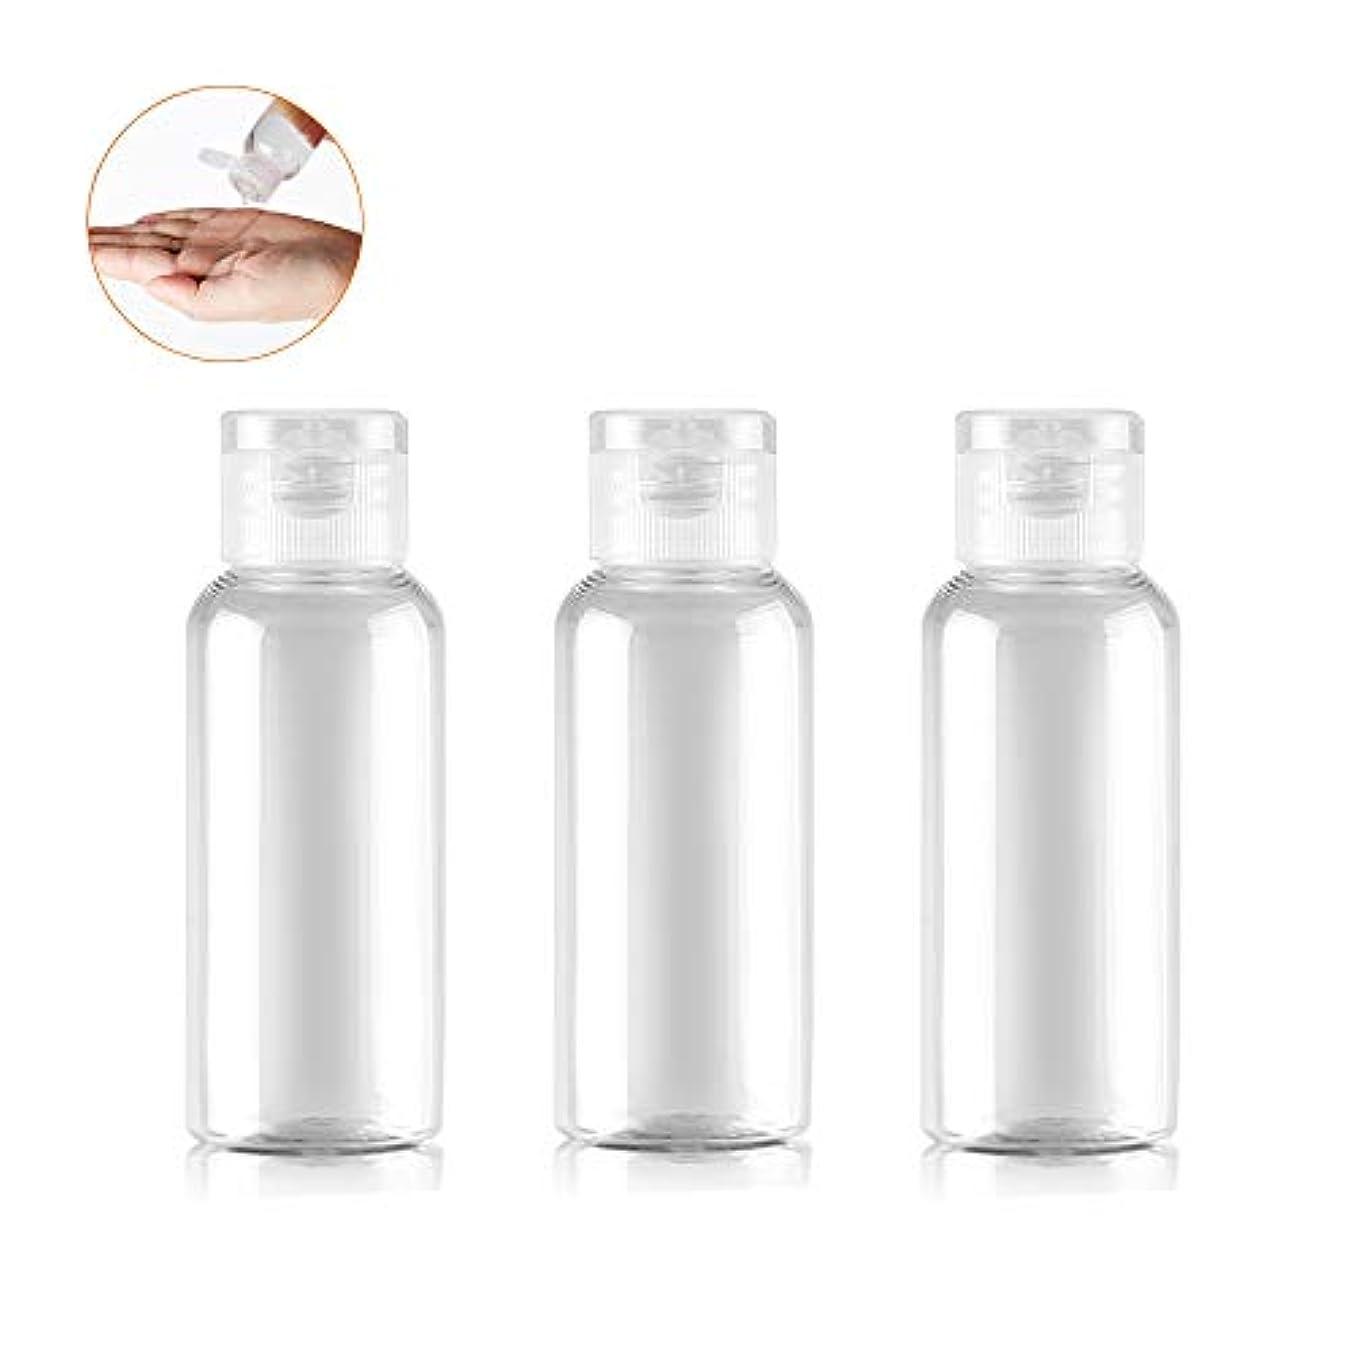 ダルセット中国冷蔵する小分けボトル トラベルボトル 3本セット プッシュタイプ 小分け容器 化粧水 精製水 詰替ボトル 旅行用 (A)